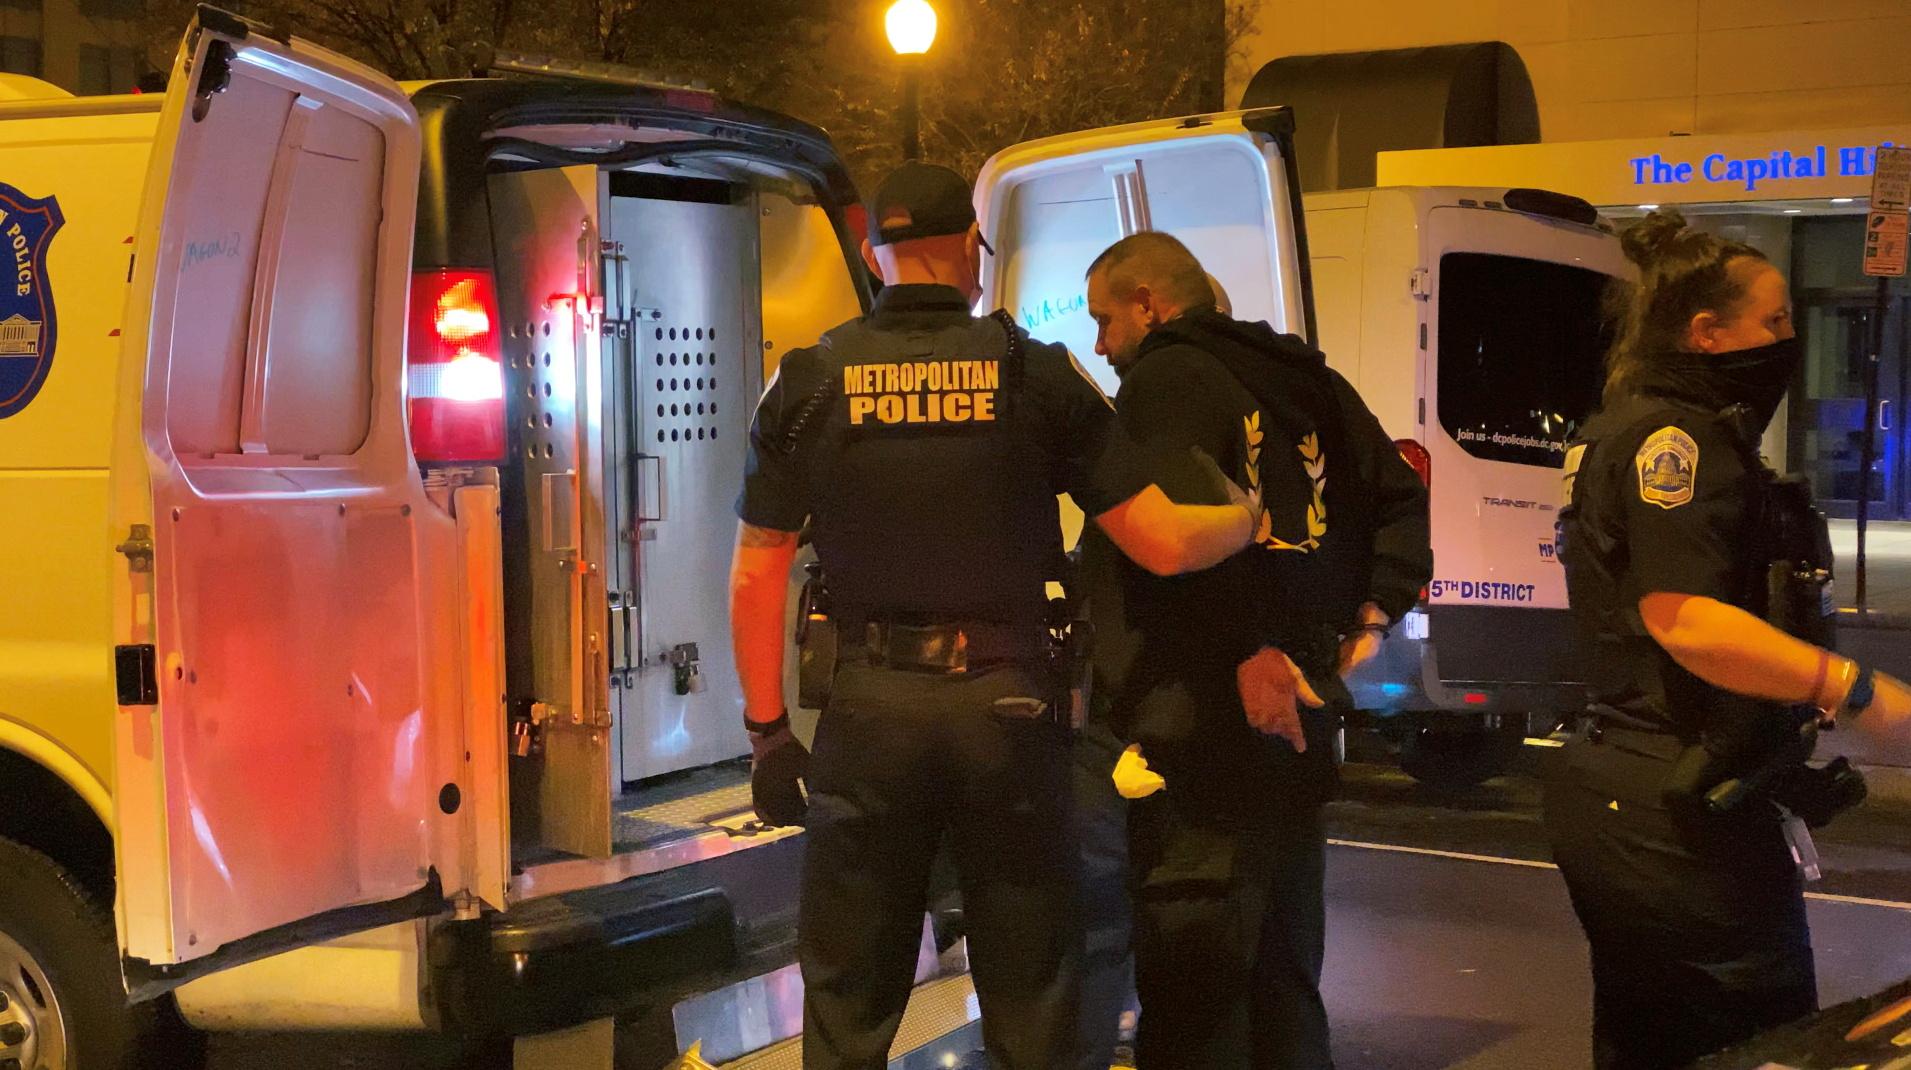 ΗΠΑ: Πυροβολισμοί και μαχαιρώματα στις διαδηλώσεις υπέρ του Τραμπ (video)